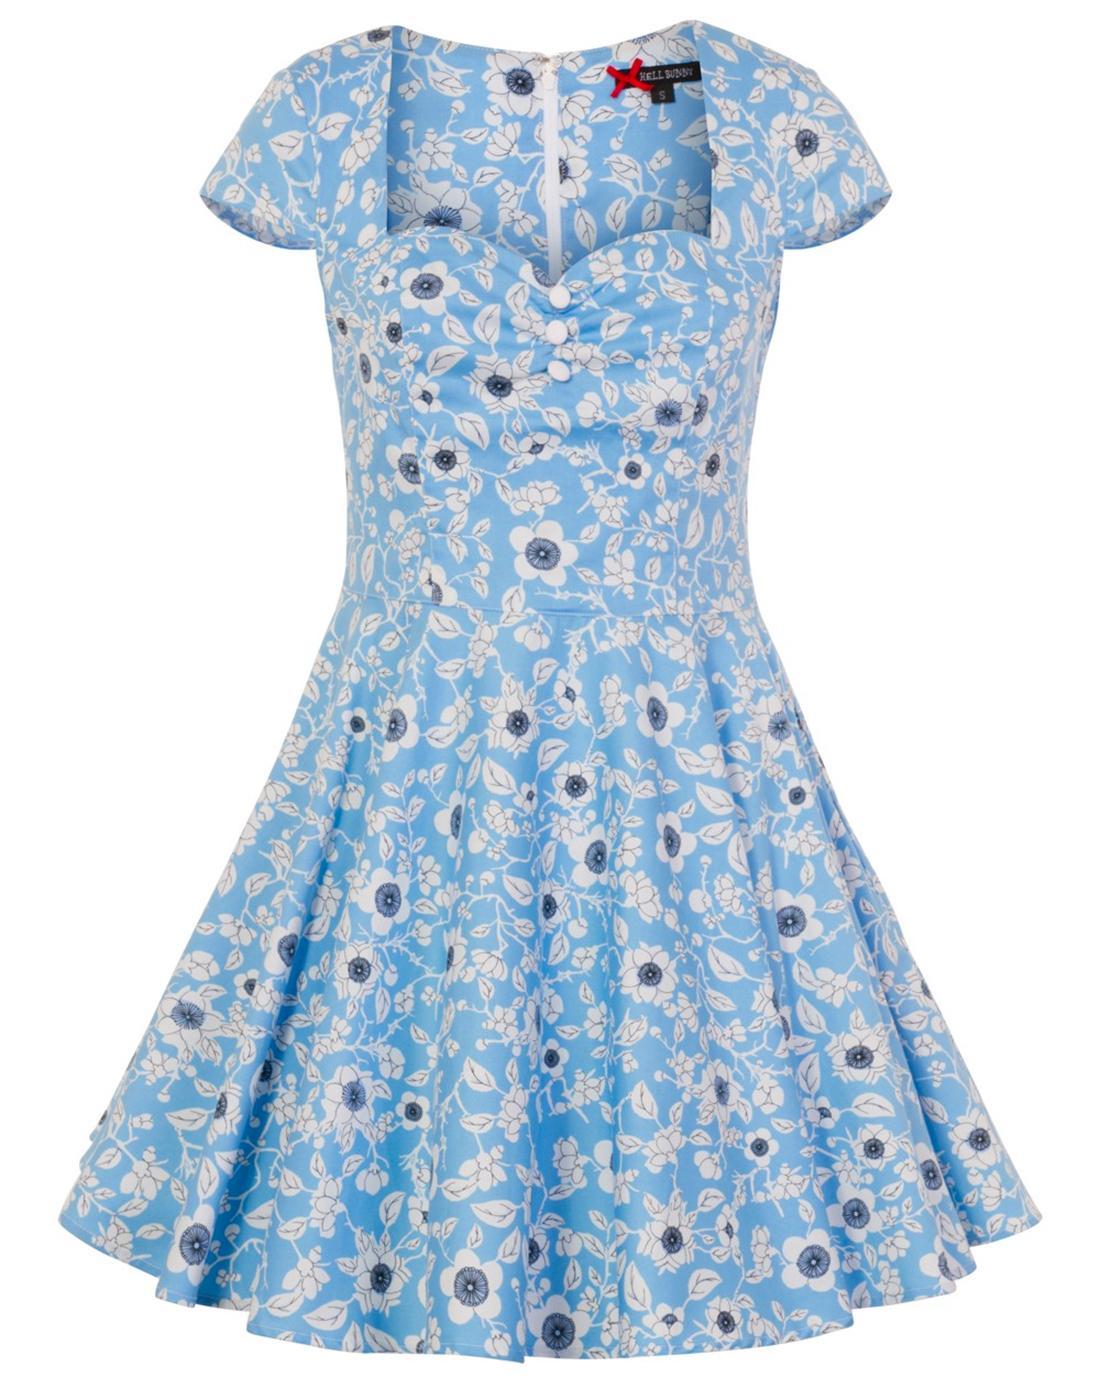 Daphne HELL BUNNY Retro 60s Daisy Summer Dress